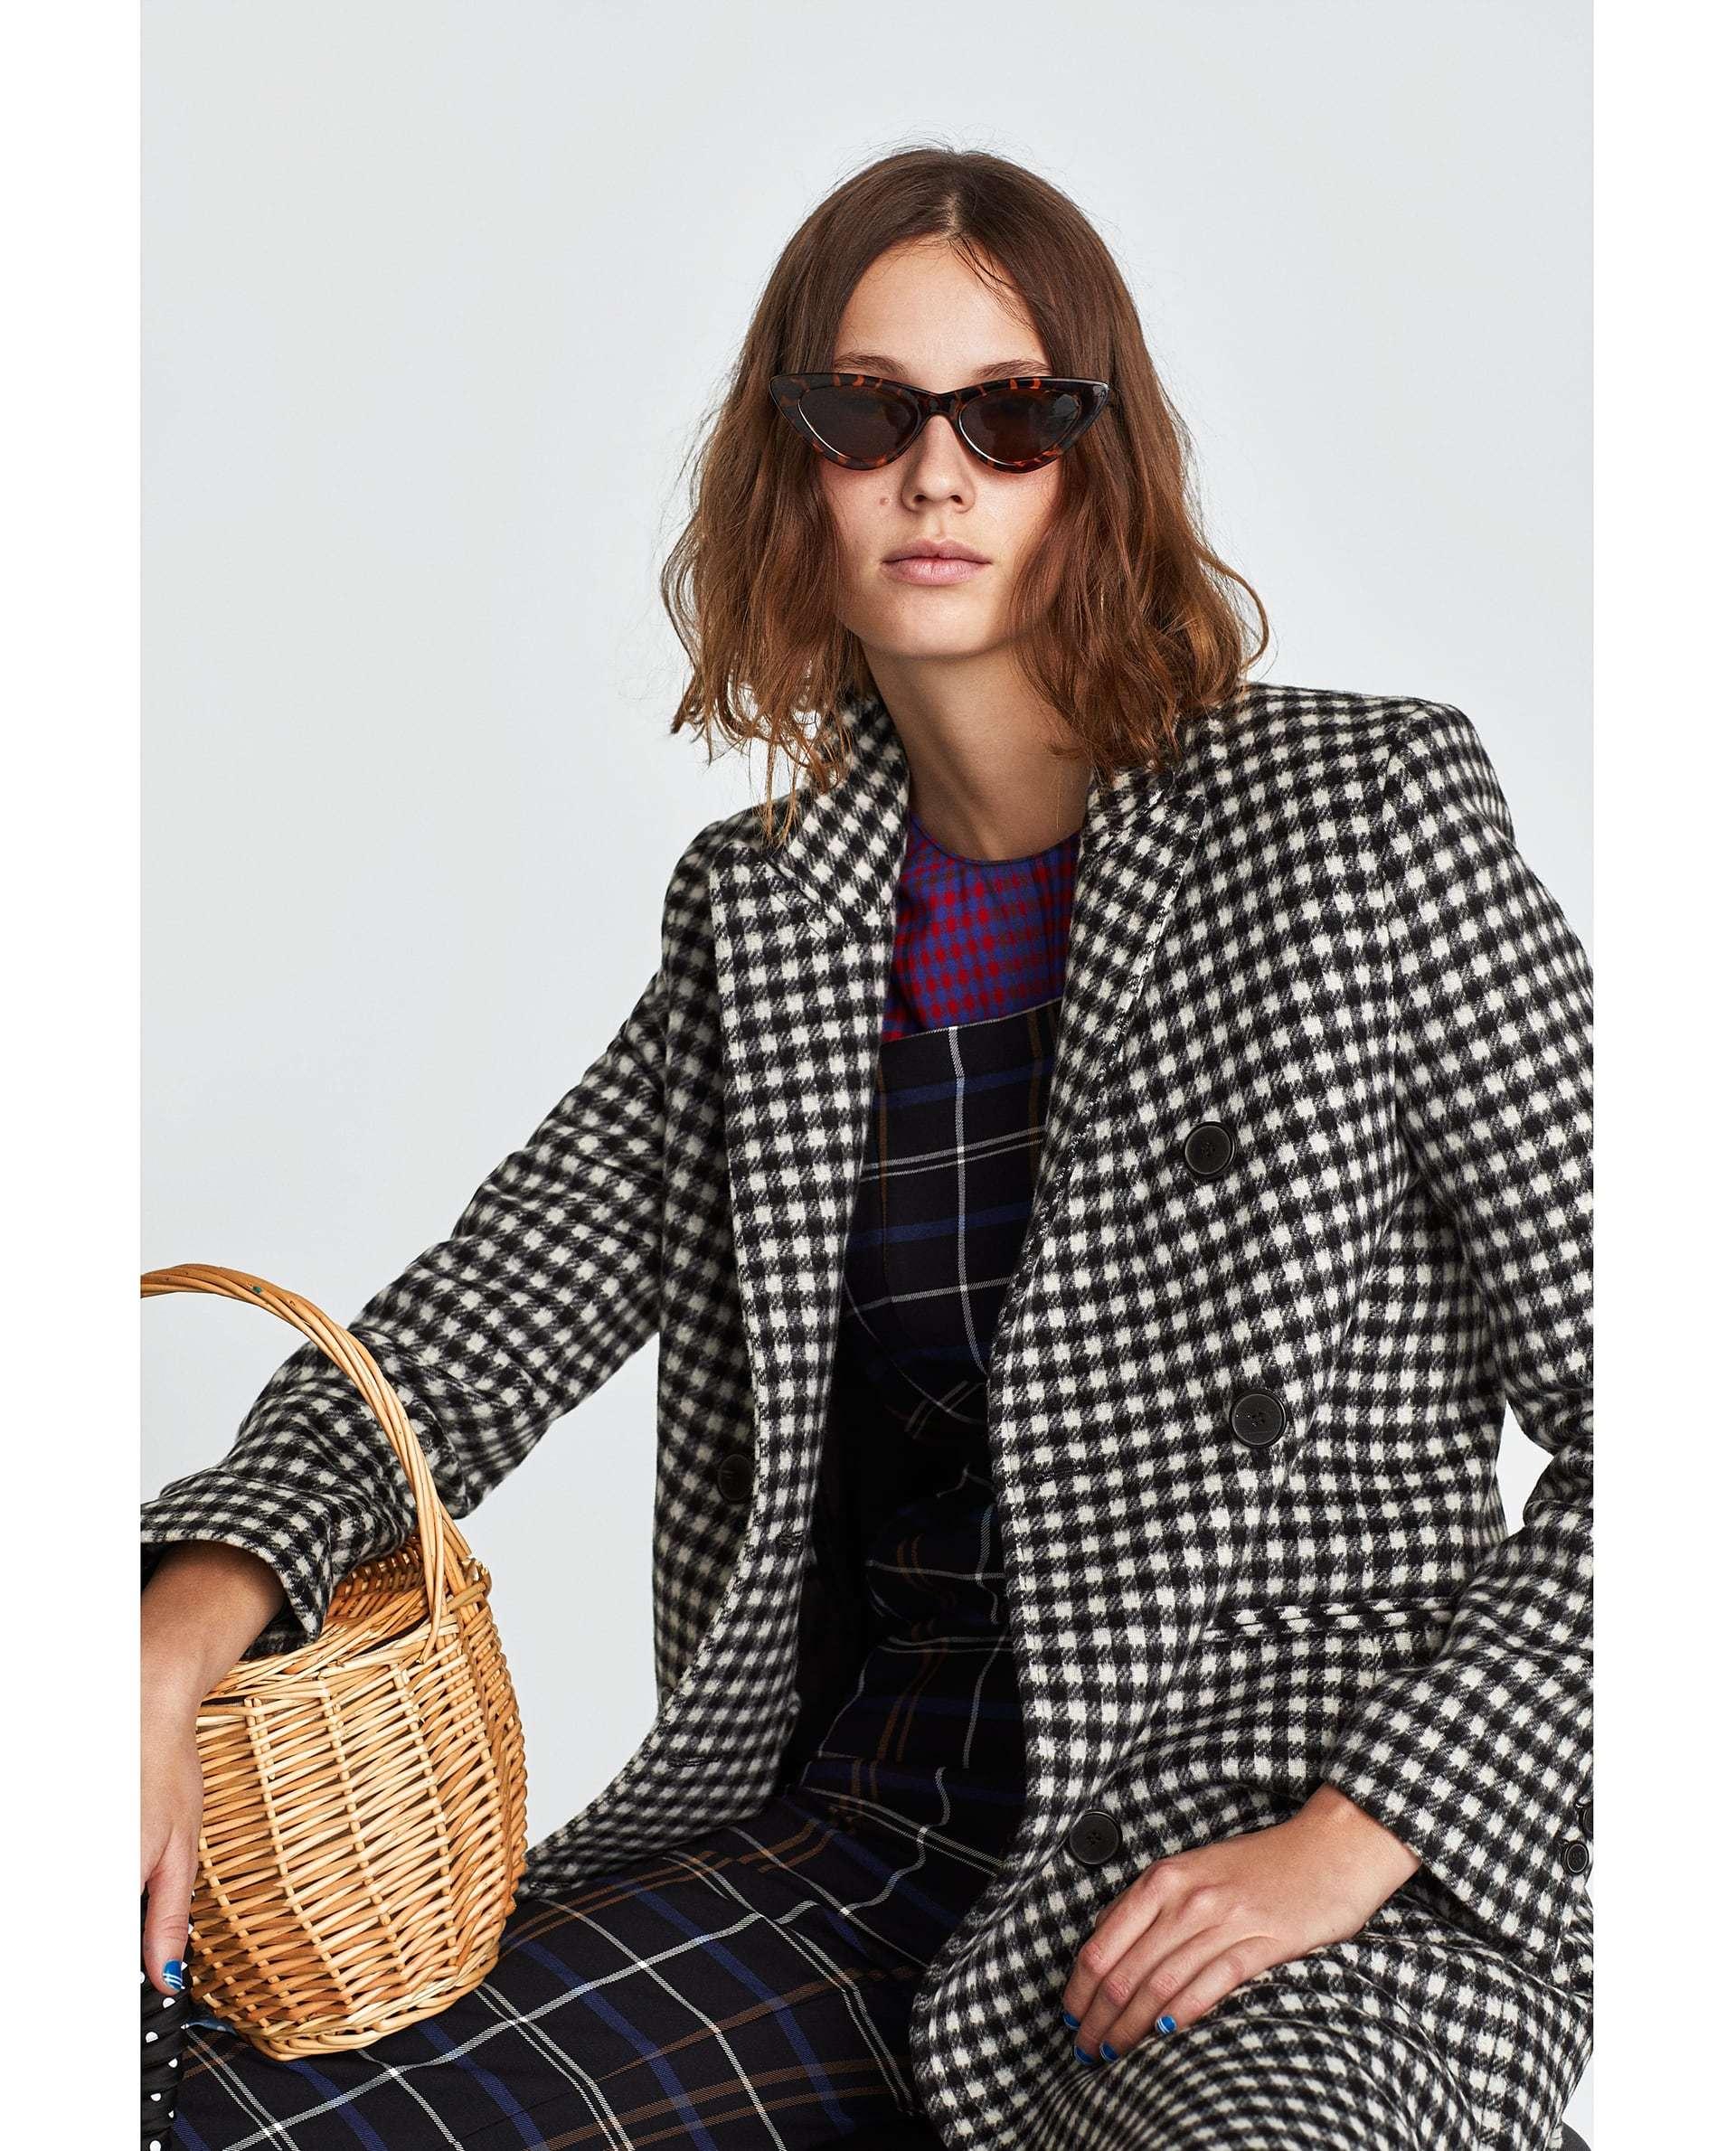 La cesta de Jane Birkin está presente en varios looks de la nueva...